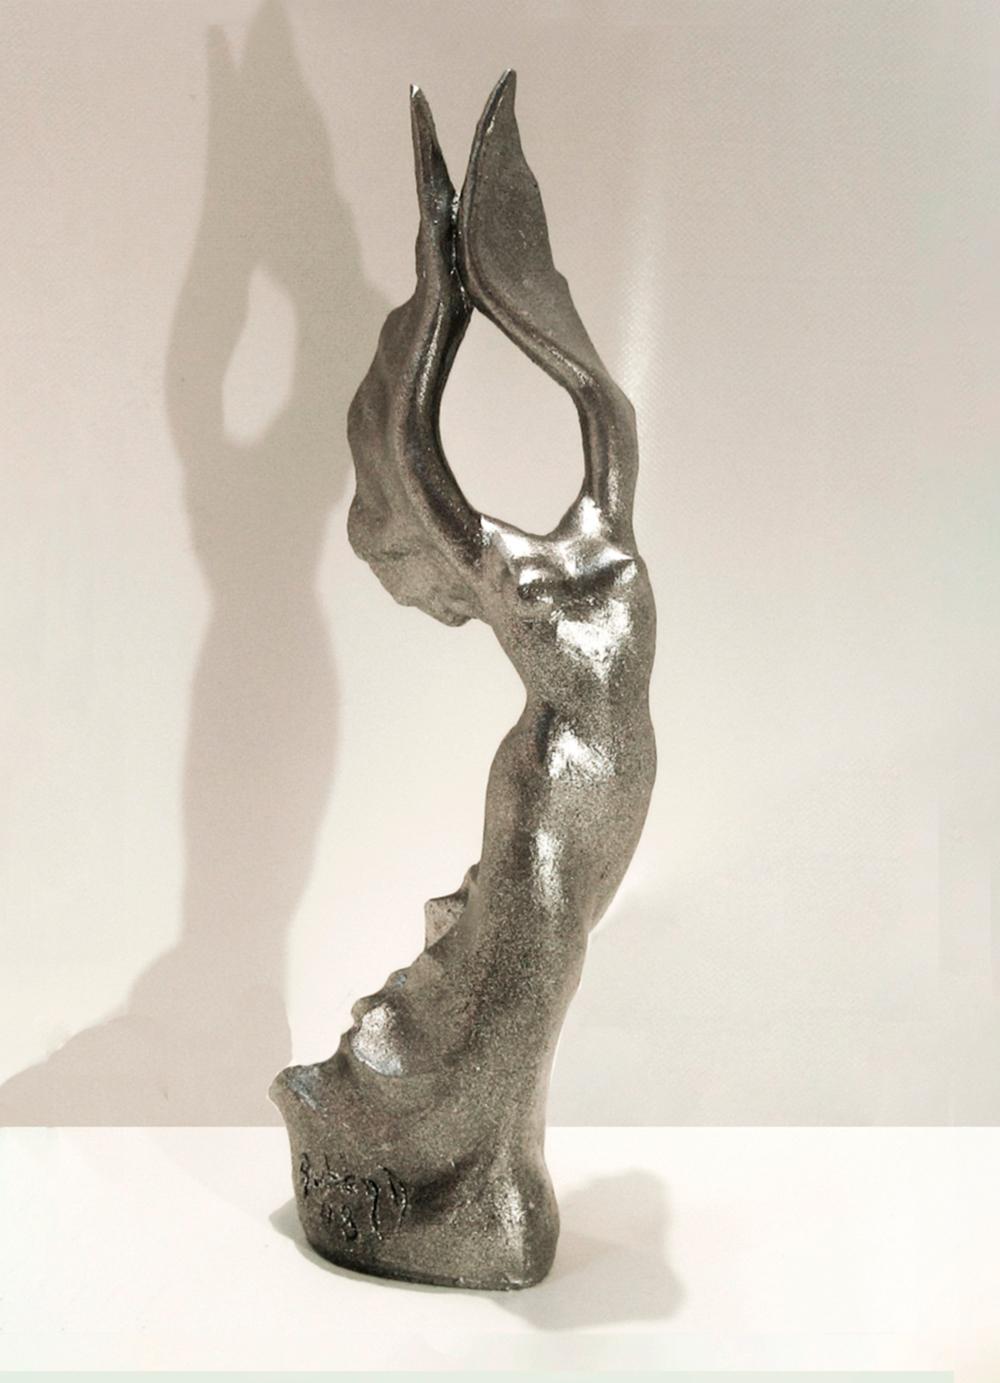 Escultura-Petit-Victoria-A-Figurativo-Abstracto-RD.Escultor